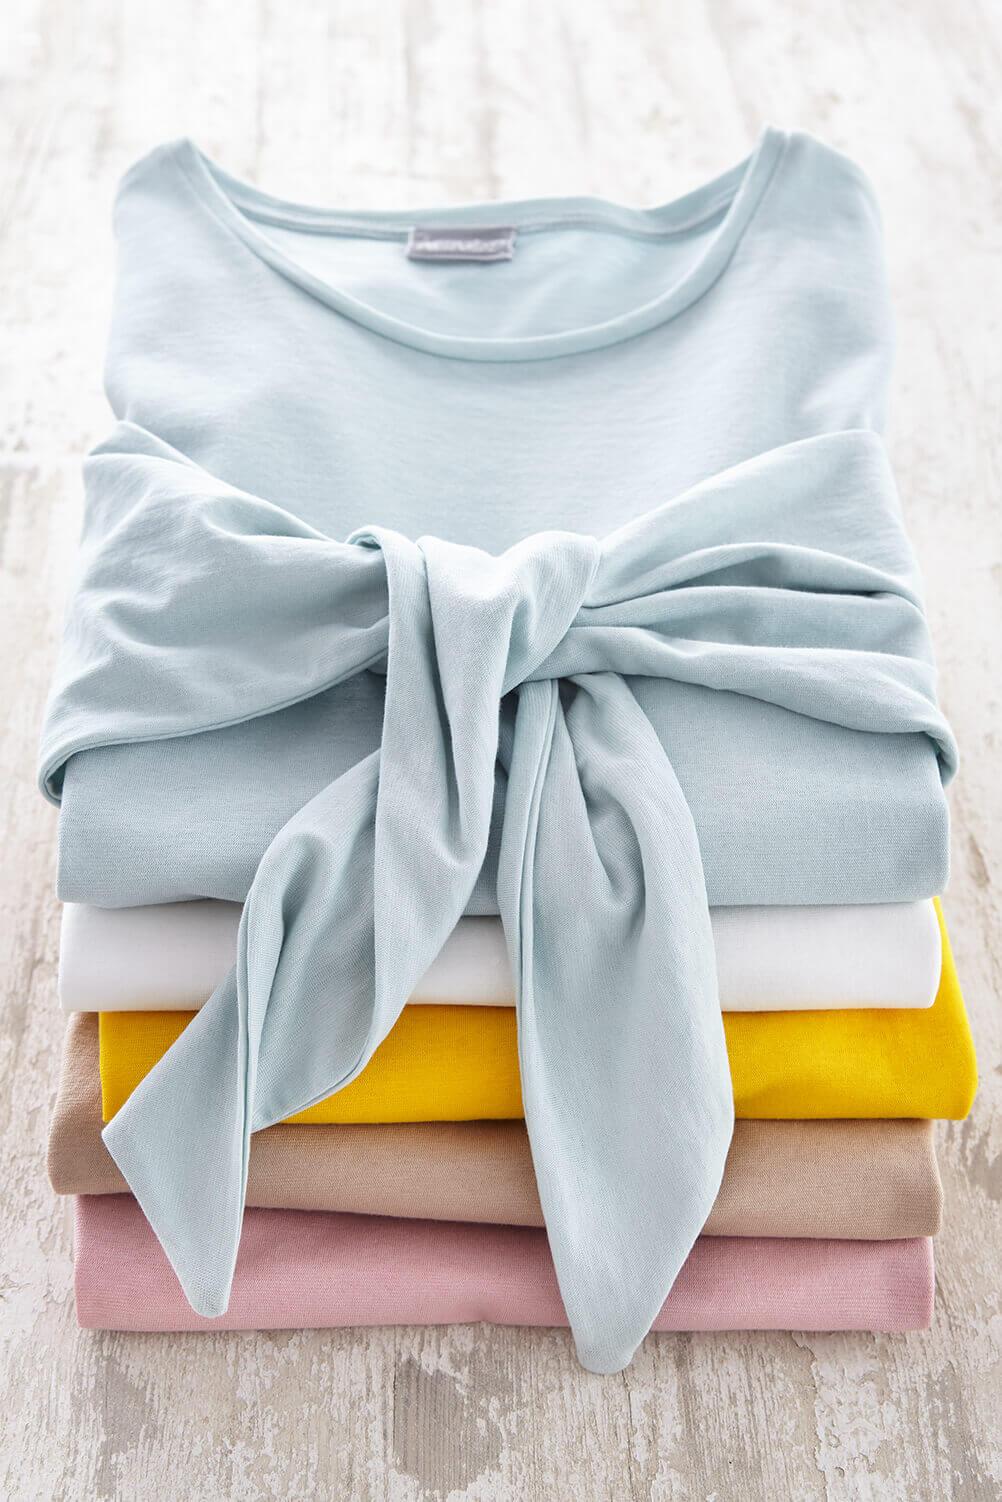 hessnatur Bio-Textilpflege Baumwolle